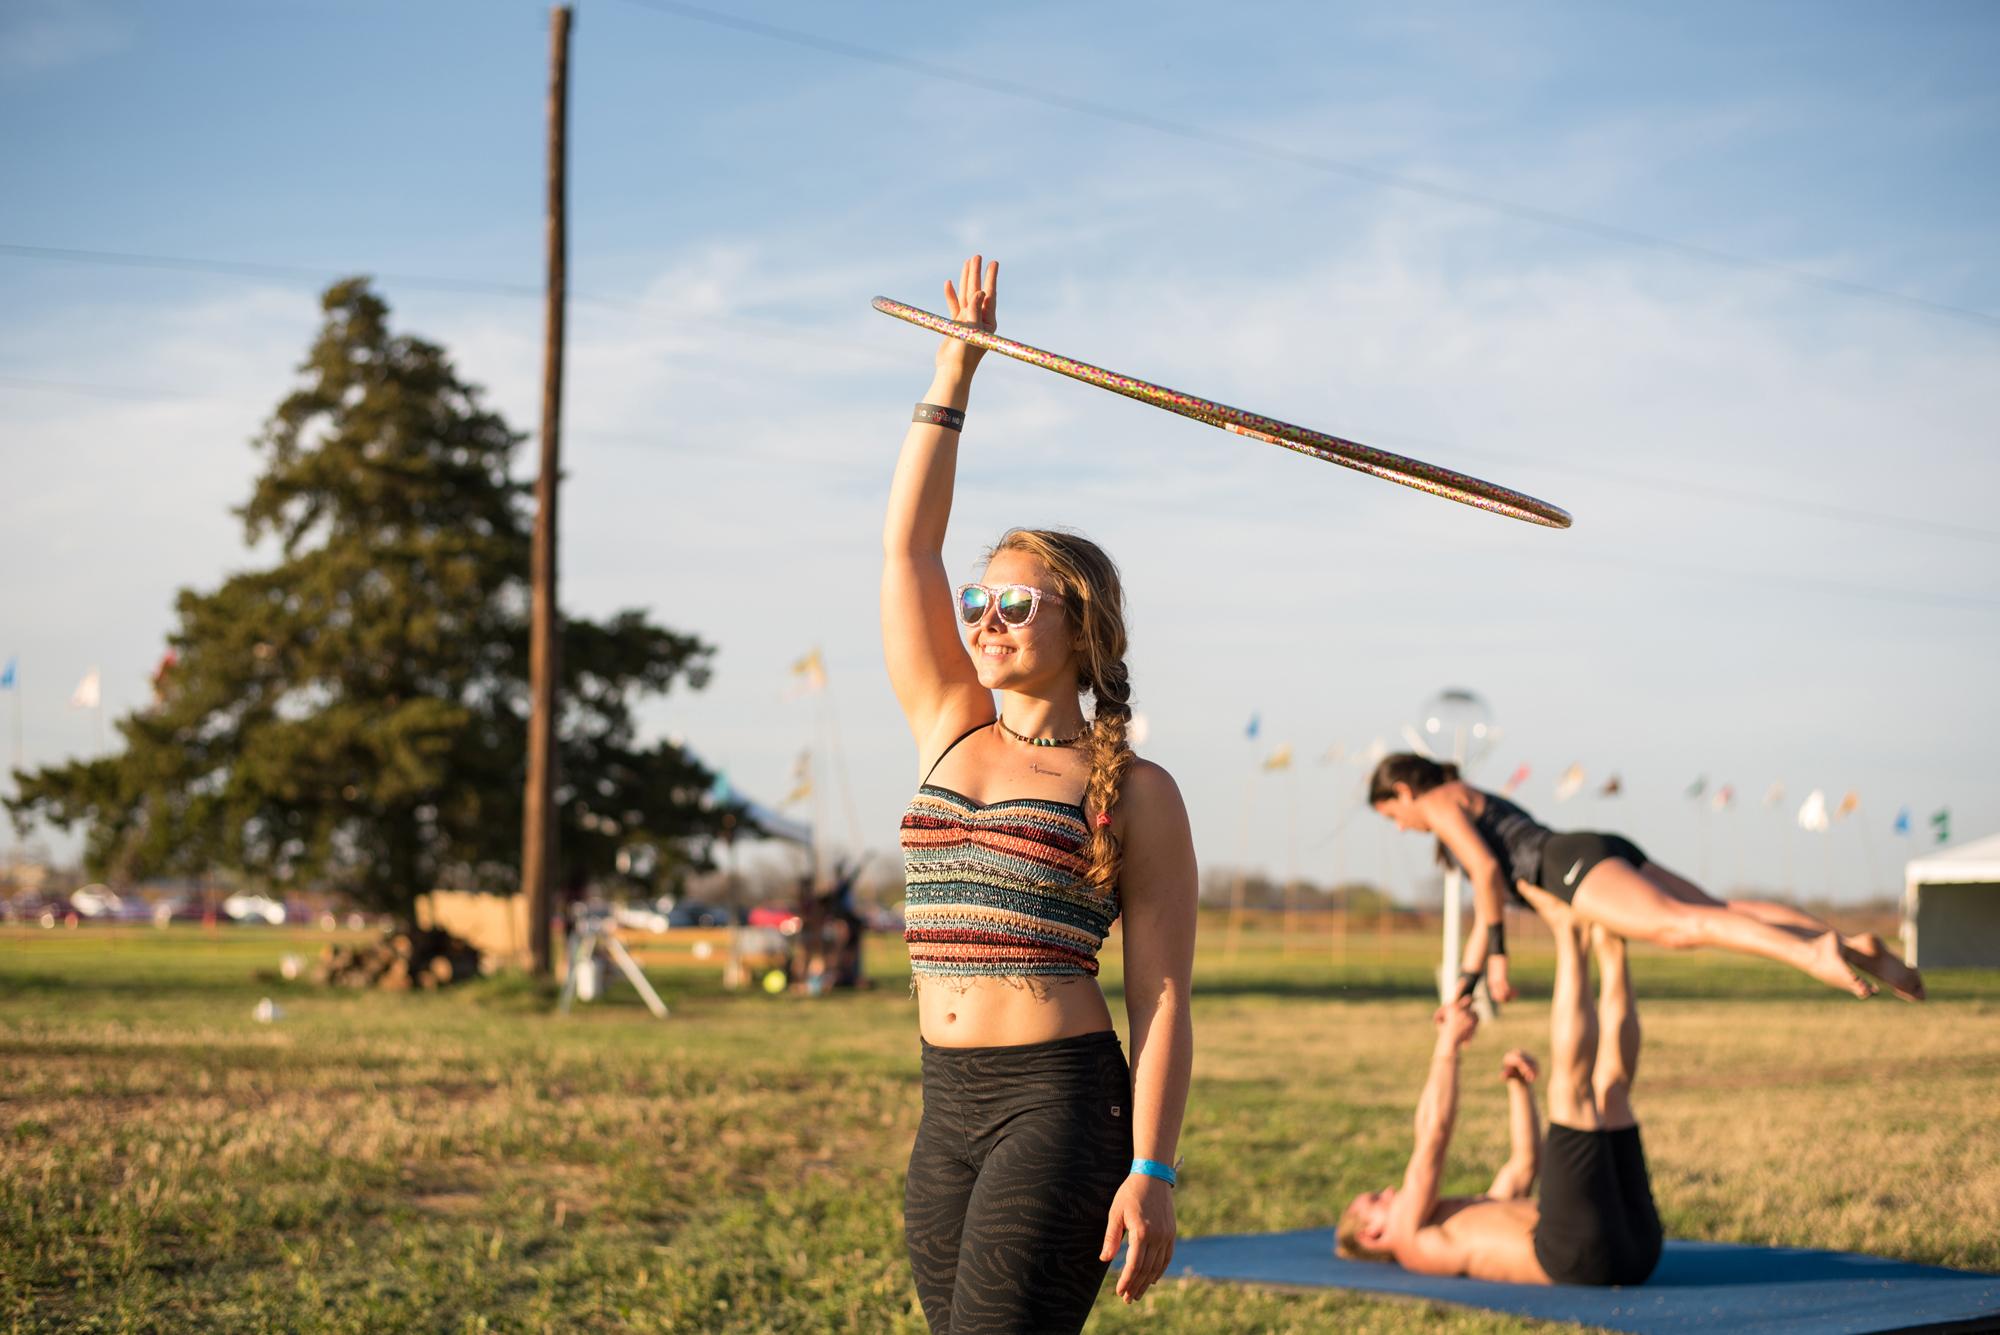 hula hoop event photo by weston carls.jpg